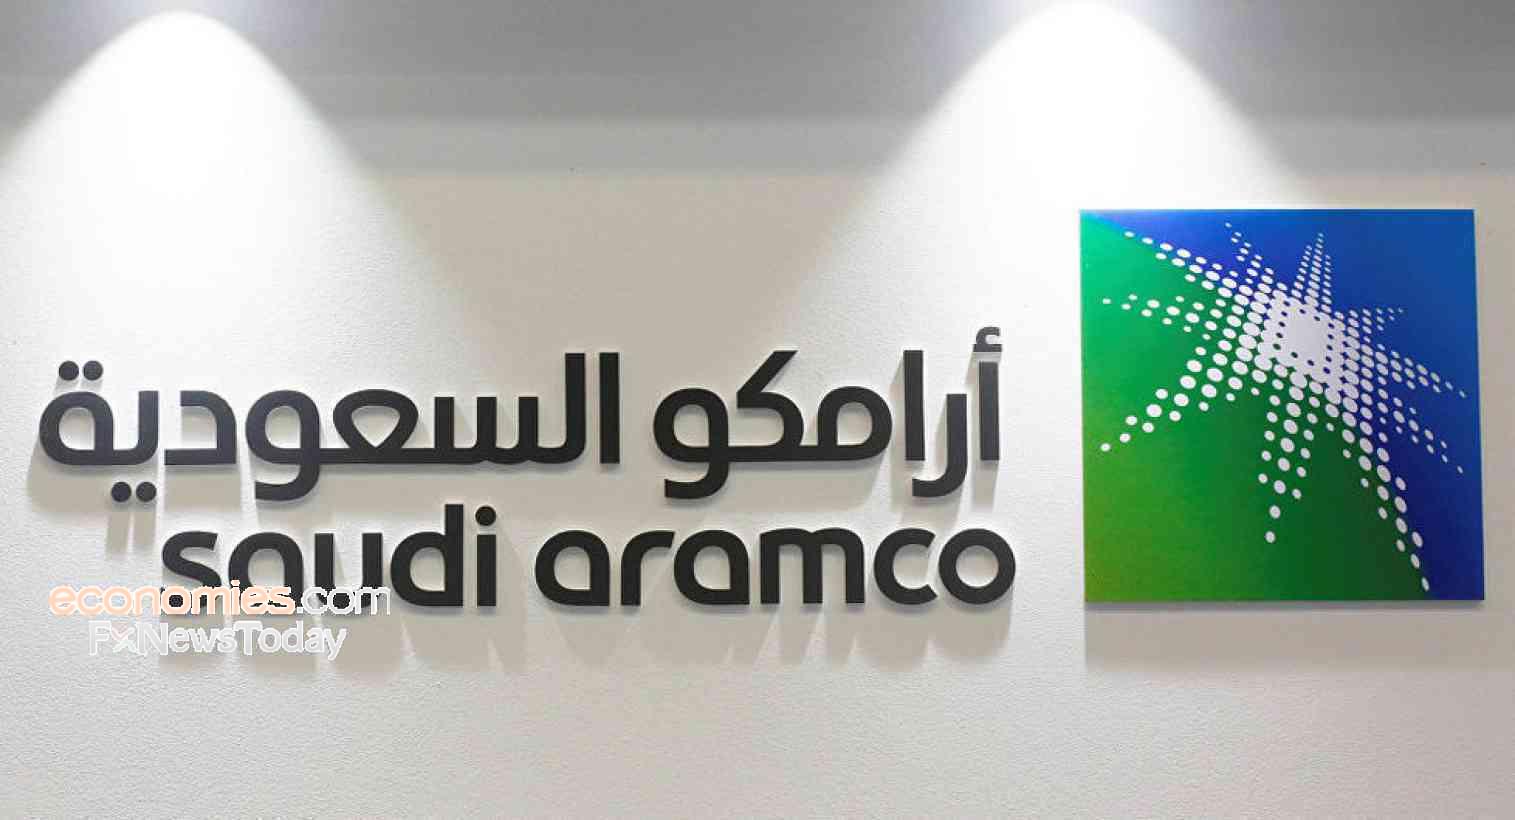 الحكومة الكويتية تعتزم استثمار مليار دولار في طرح أرامكو